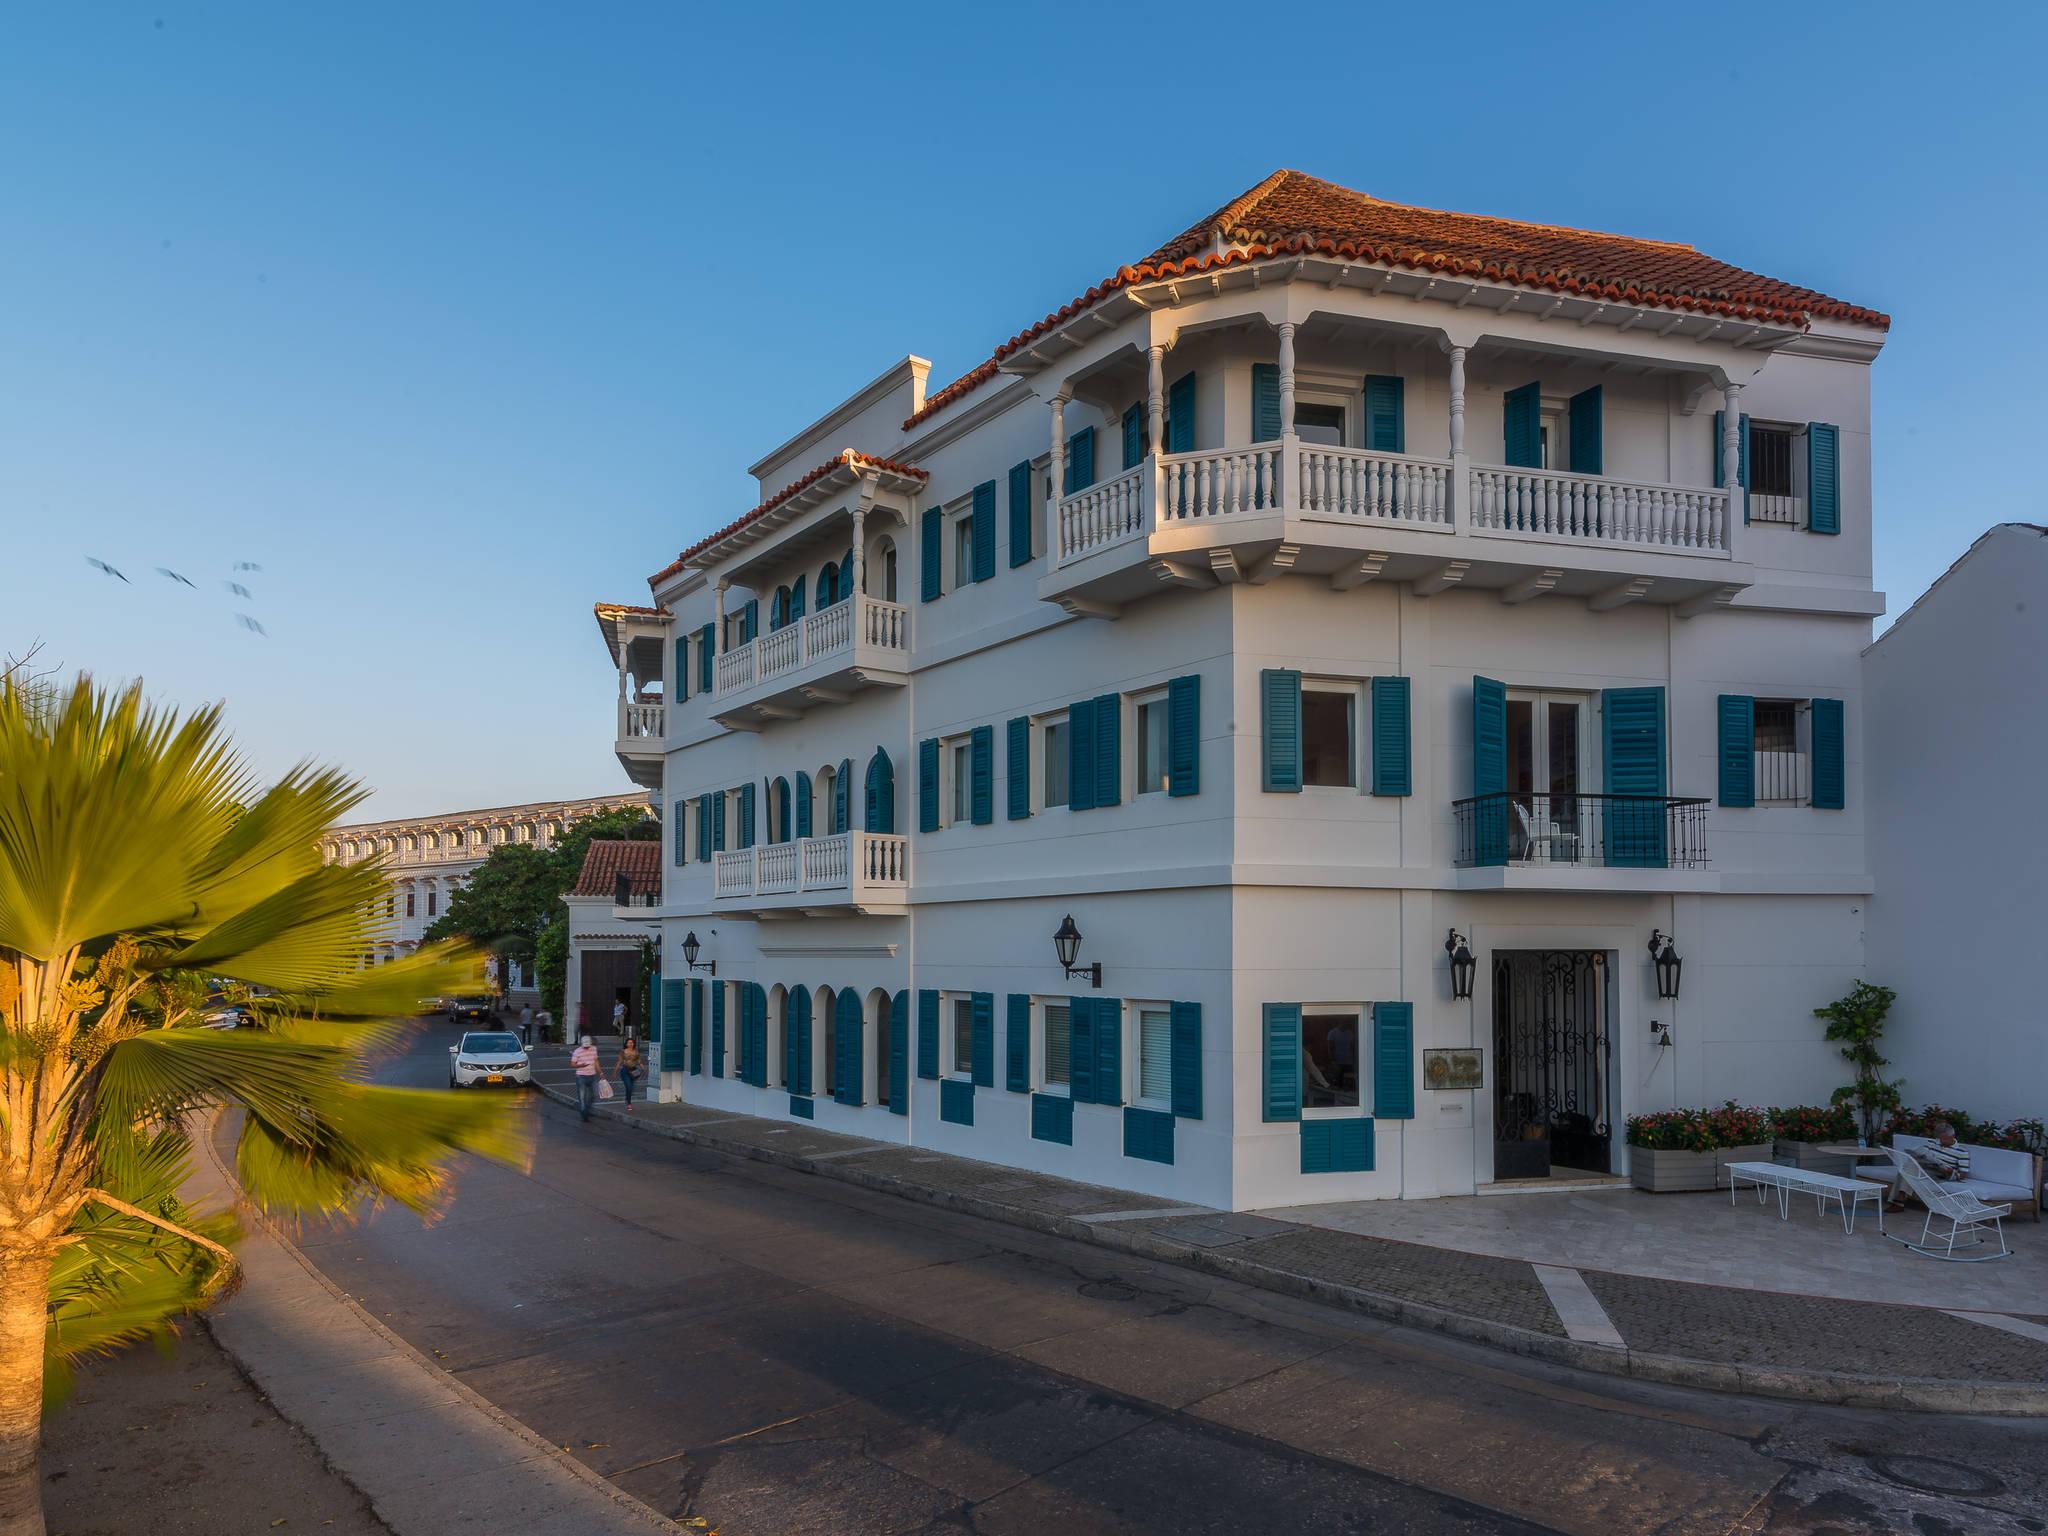 Hotel - Hotel Boutique Bovedas de Santa Clara